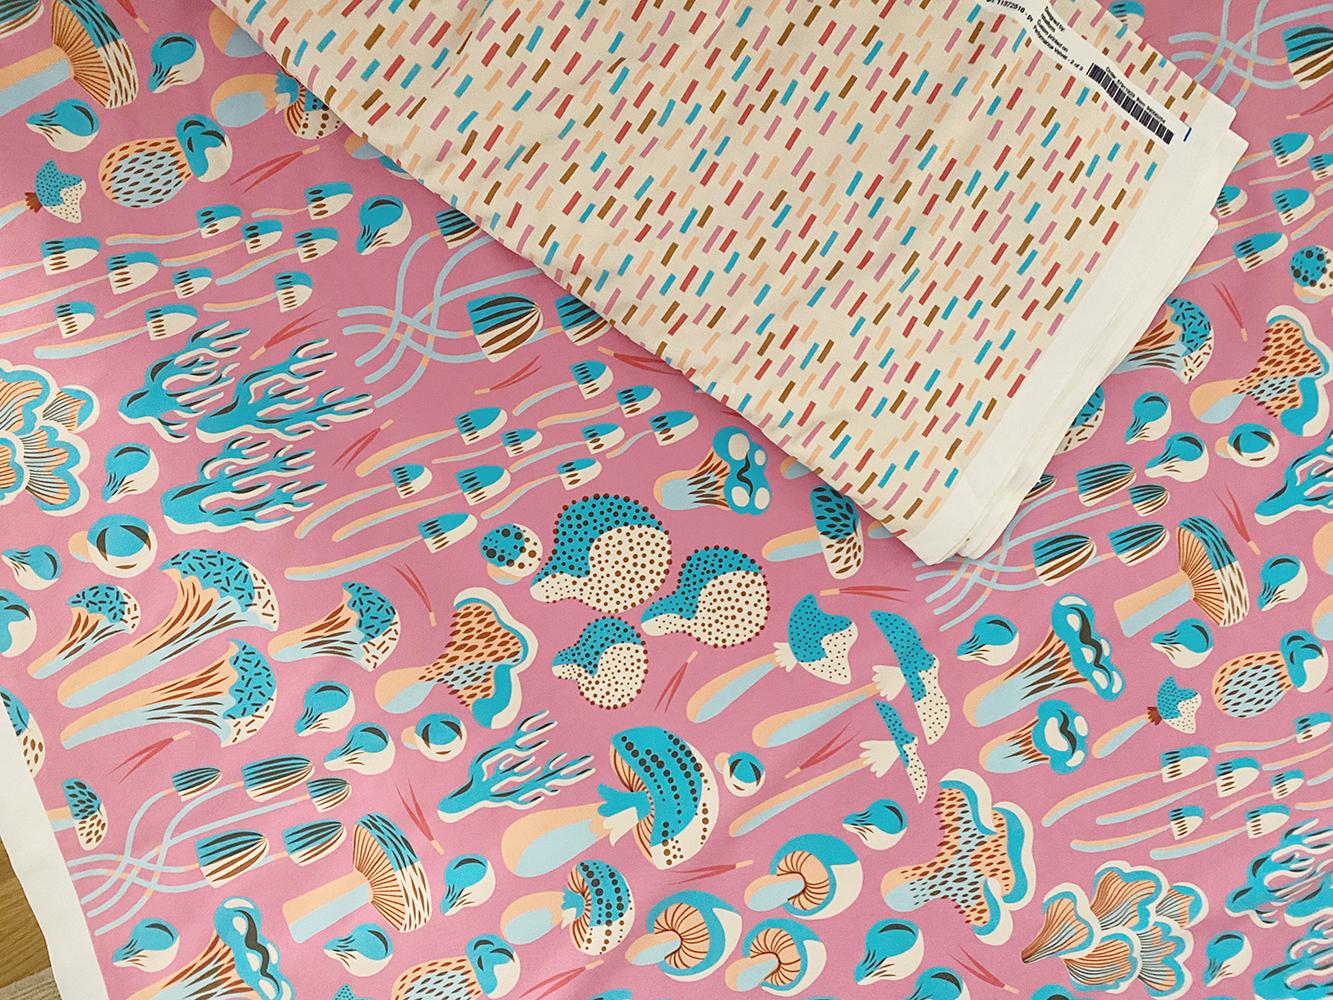 Pink mushroom fabric and rainbow sprinkles fabric